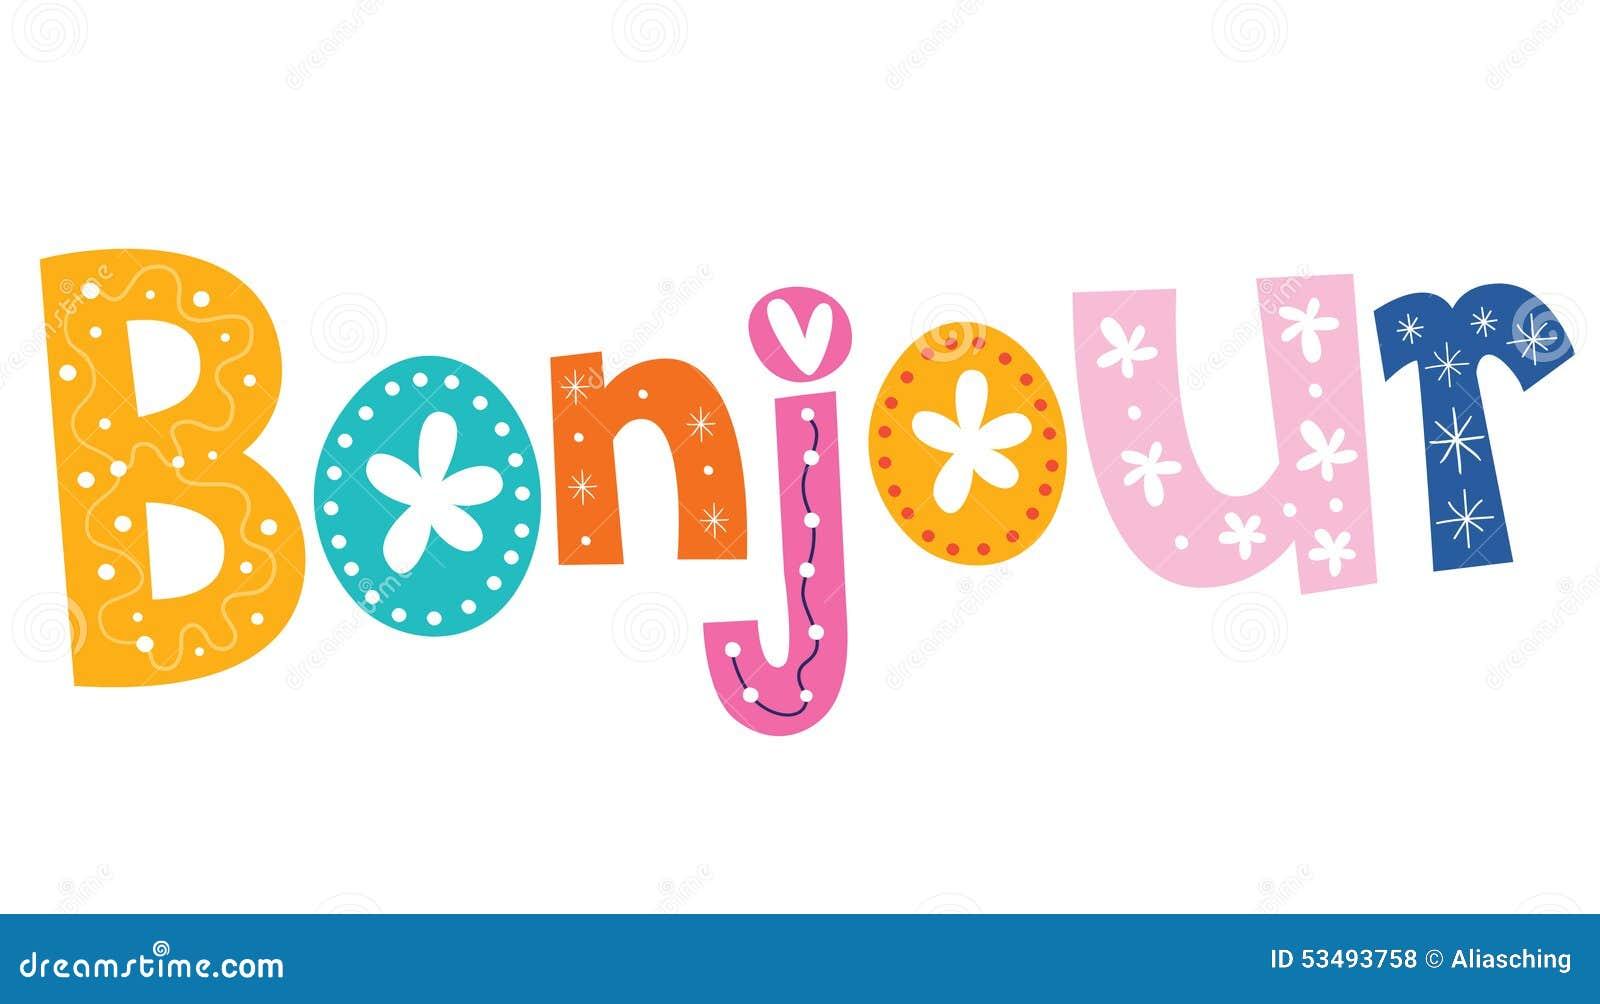 французское слово Bonjour иллюстрация вектора иллюстрации